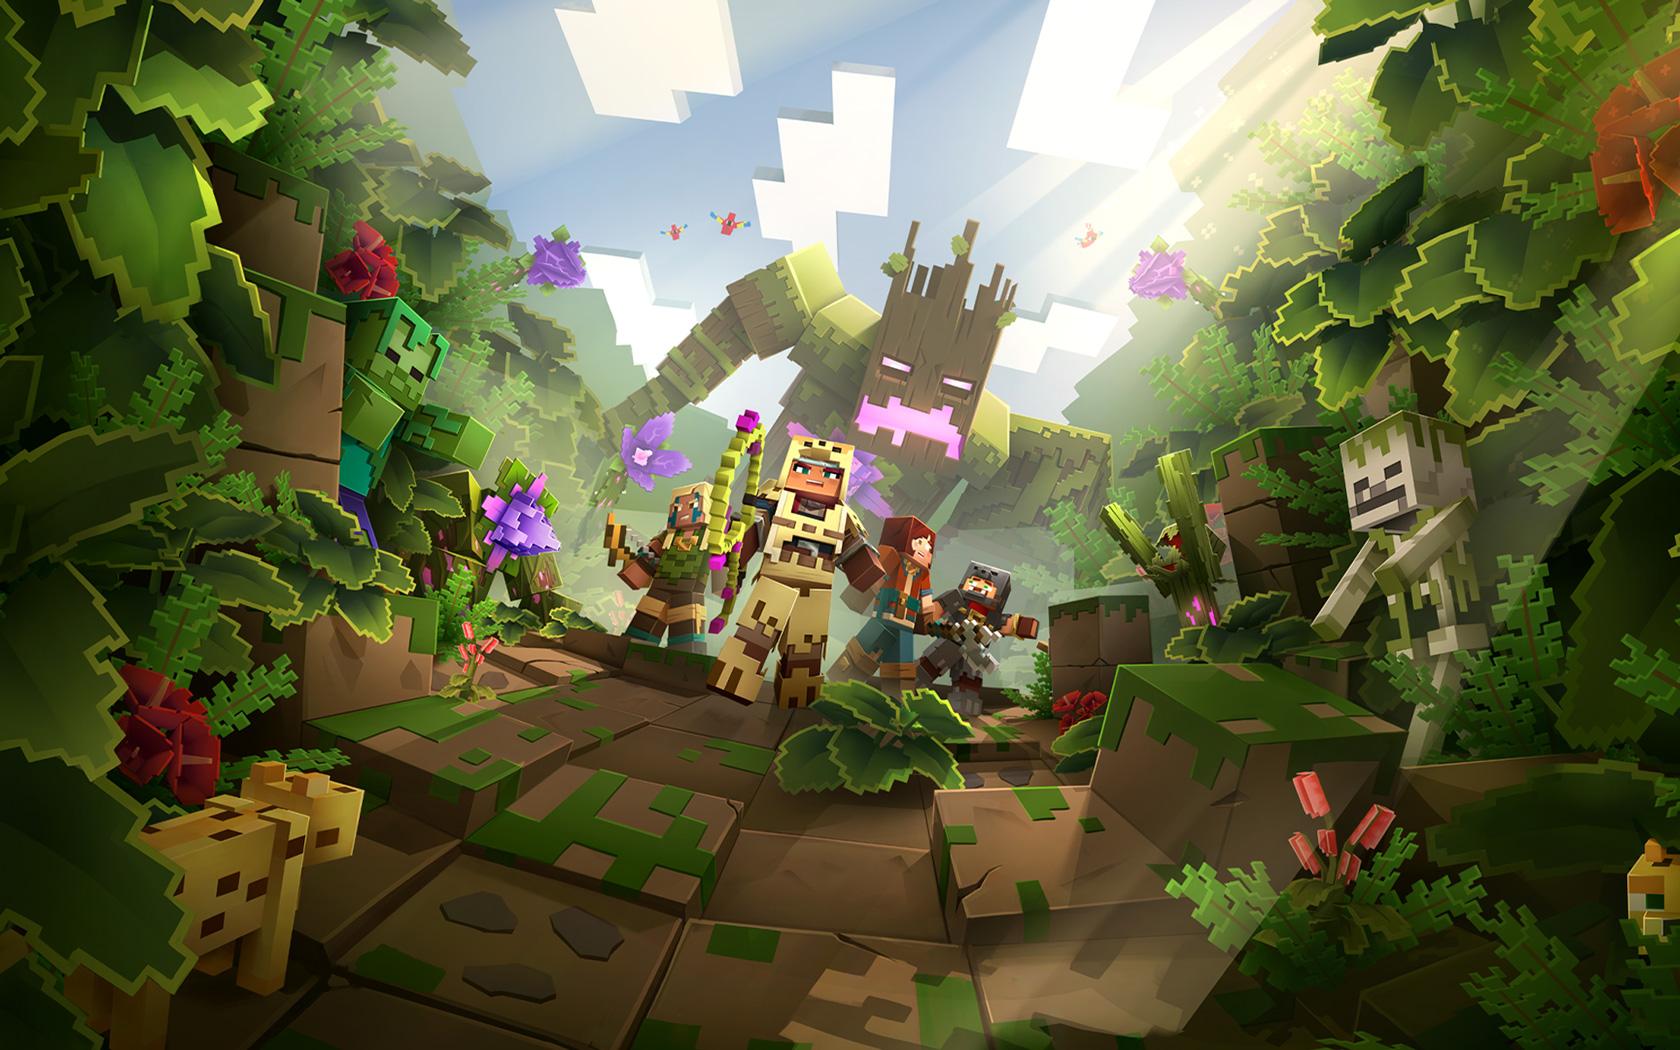 Minecraft Dungeons Wallpaper in 1680x1050